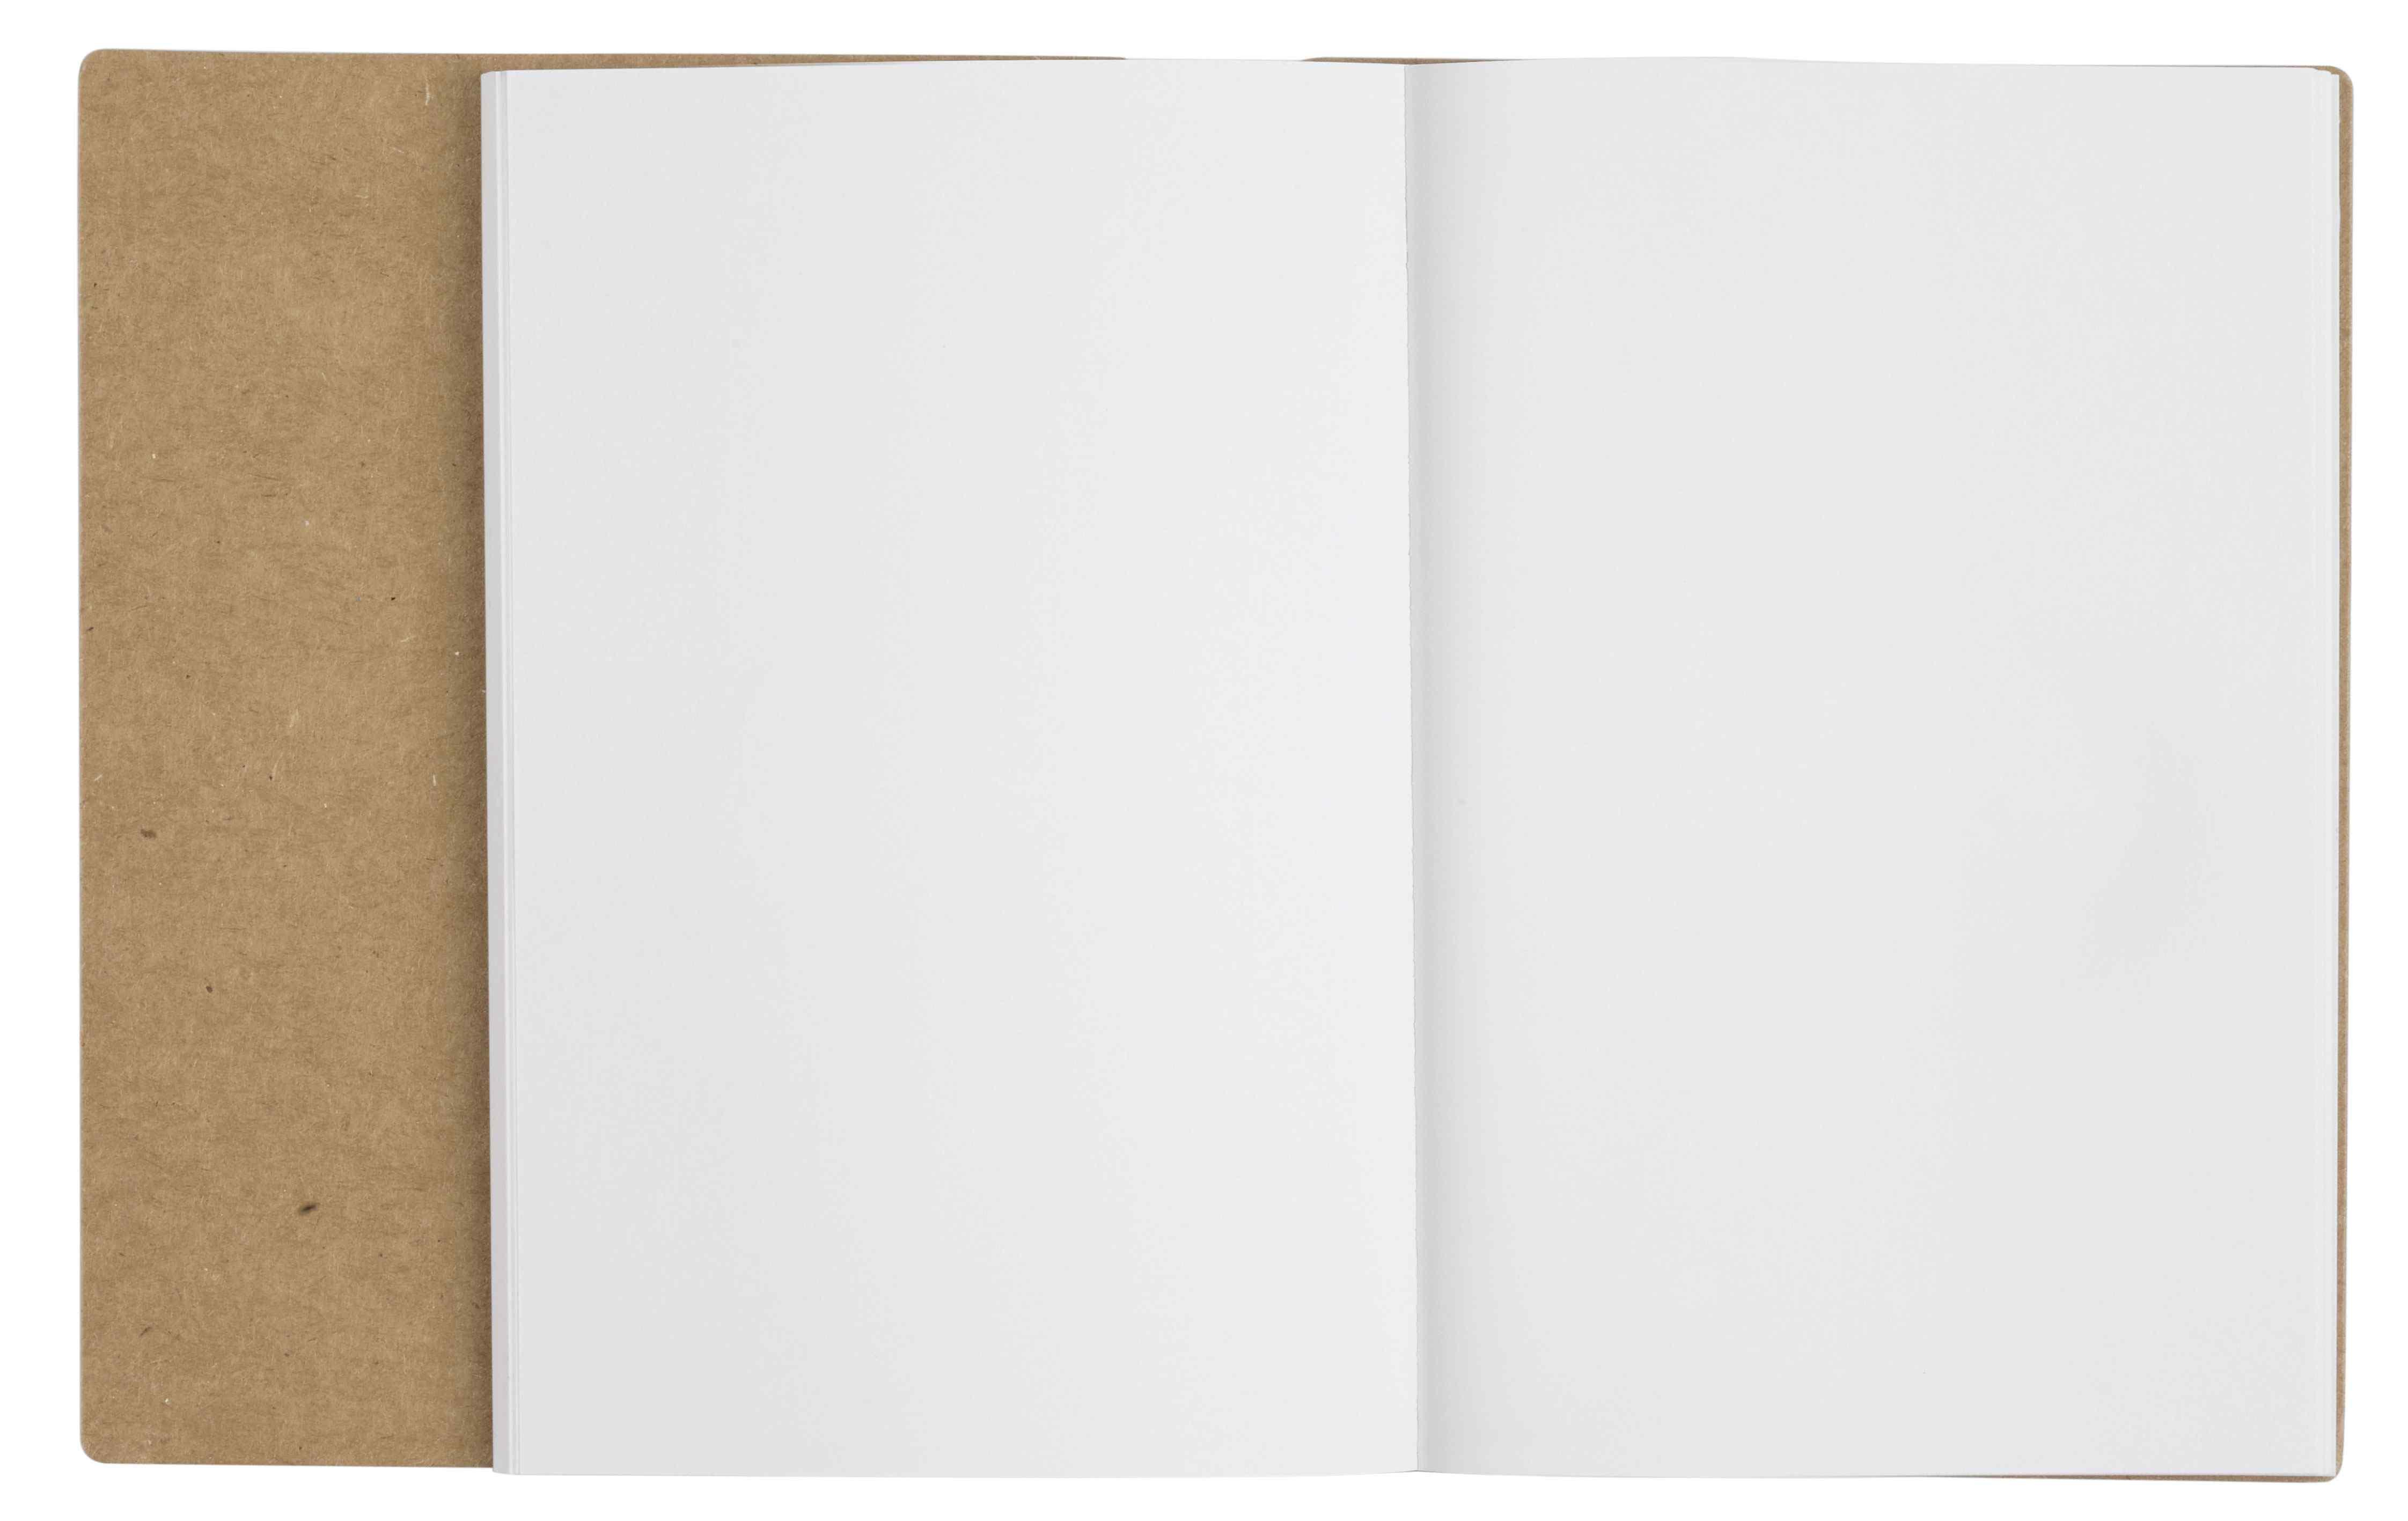 Carnet A6 publicitaire Note Paper Small - Cadeau publicitaire